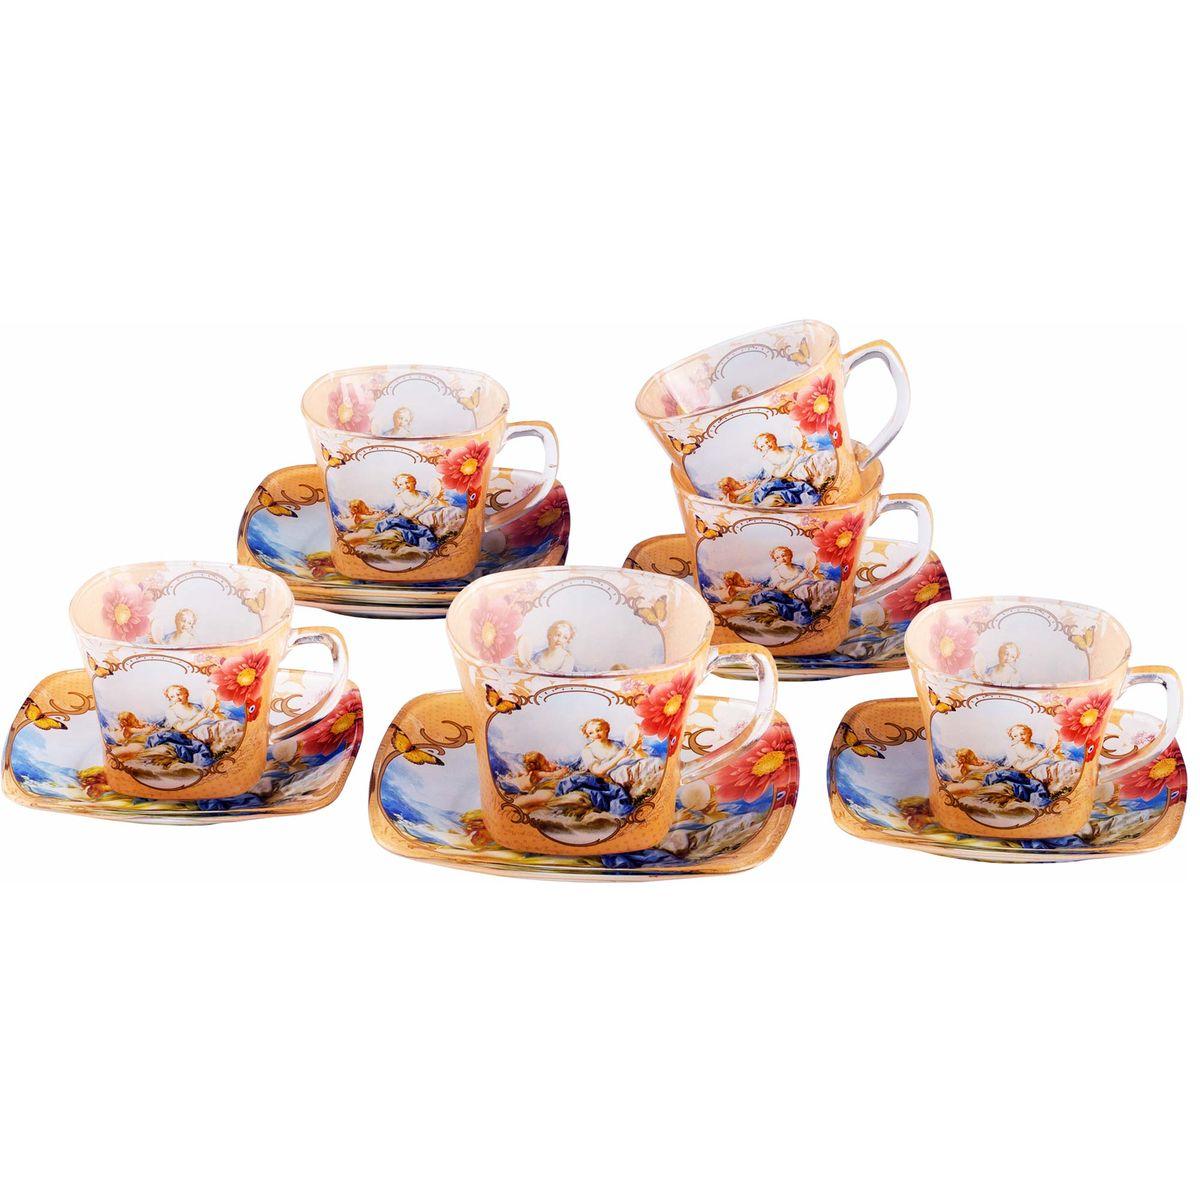 Набор чайный Bekker Koch, цвет: пшеничный, голубой, 12 предметов. BK-5857BK-5857Чайный набор Bekker Koch состоит из шести чашек и шести блюдец, изготовленных из высококачественного стекла. Внешняя поверхность предметов набора матовая с прозрачными вставками. Изделия оформлены изящным изображением ангелов и цветков. Изящный набор эффектно украсит стол к чаепитию и порадует вас функциональностью и ярким дизайном. Объем чашки: 200 мл. Диаметр (по верхнему краю): 8 см. Высота чашки: 6,5 см. Диаметр блюдца: 13,5 см. Не применять абразивные чистящие средства. Не использовать в микроволновой печи. Мыть с применением нейтральных моющих средств. Нельзя мыть в посудомоечных машинах.